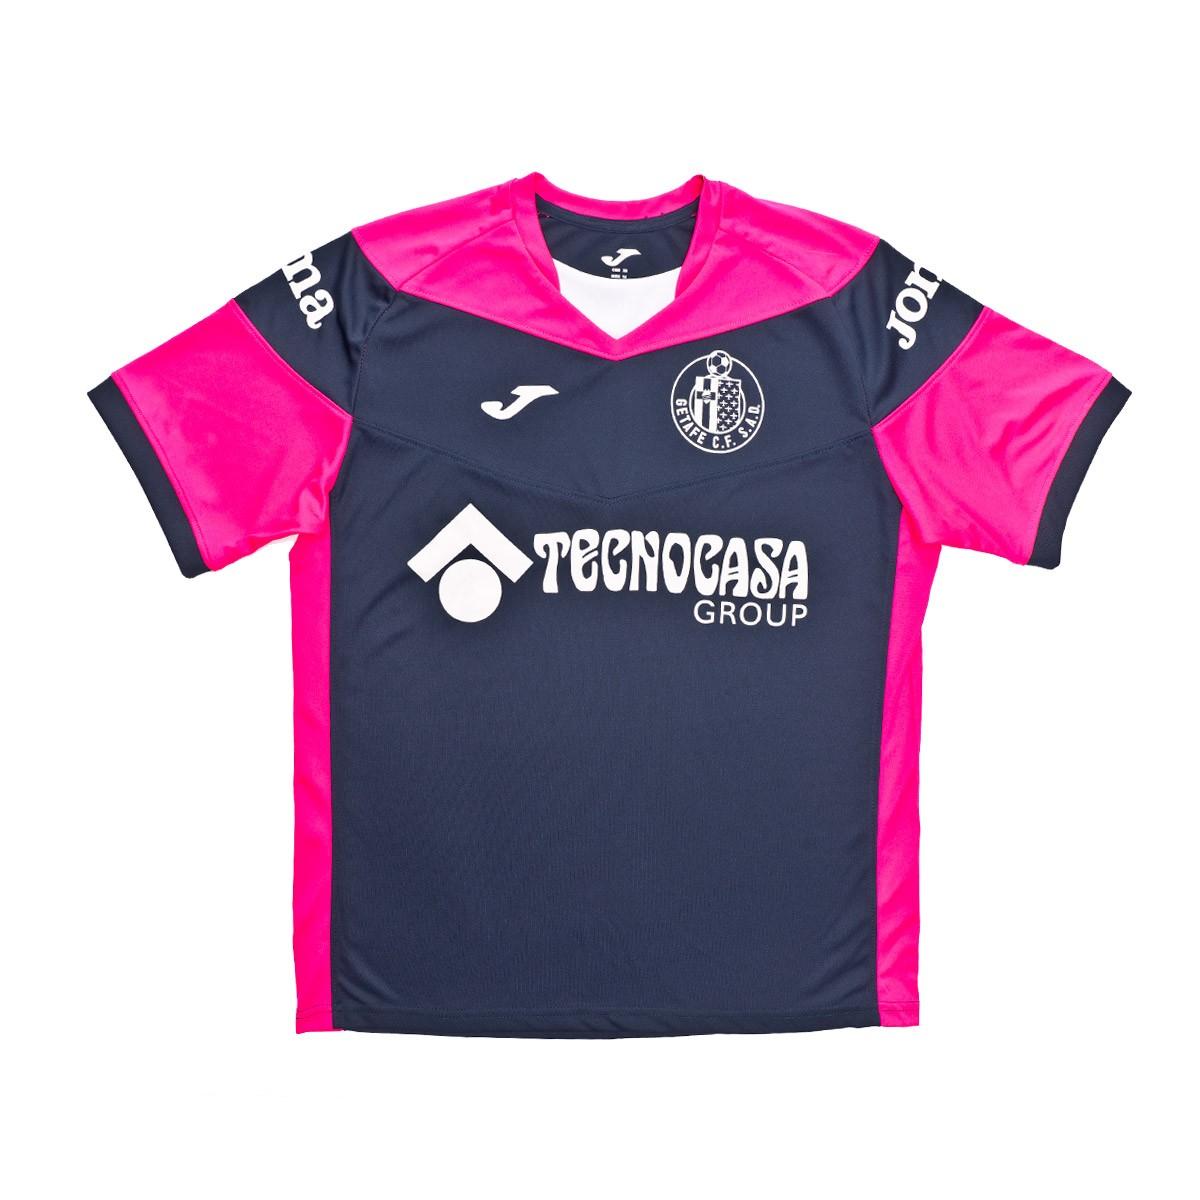 ... Training 2018-2019 Niño Marino. Categorías de la Camiseta eae46dafe85c9